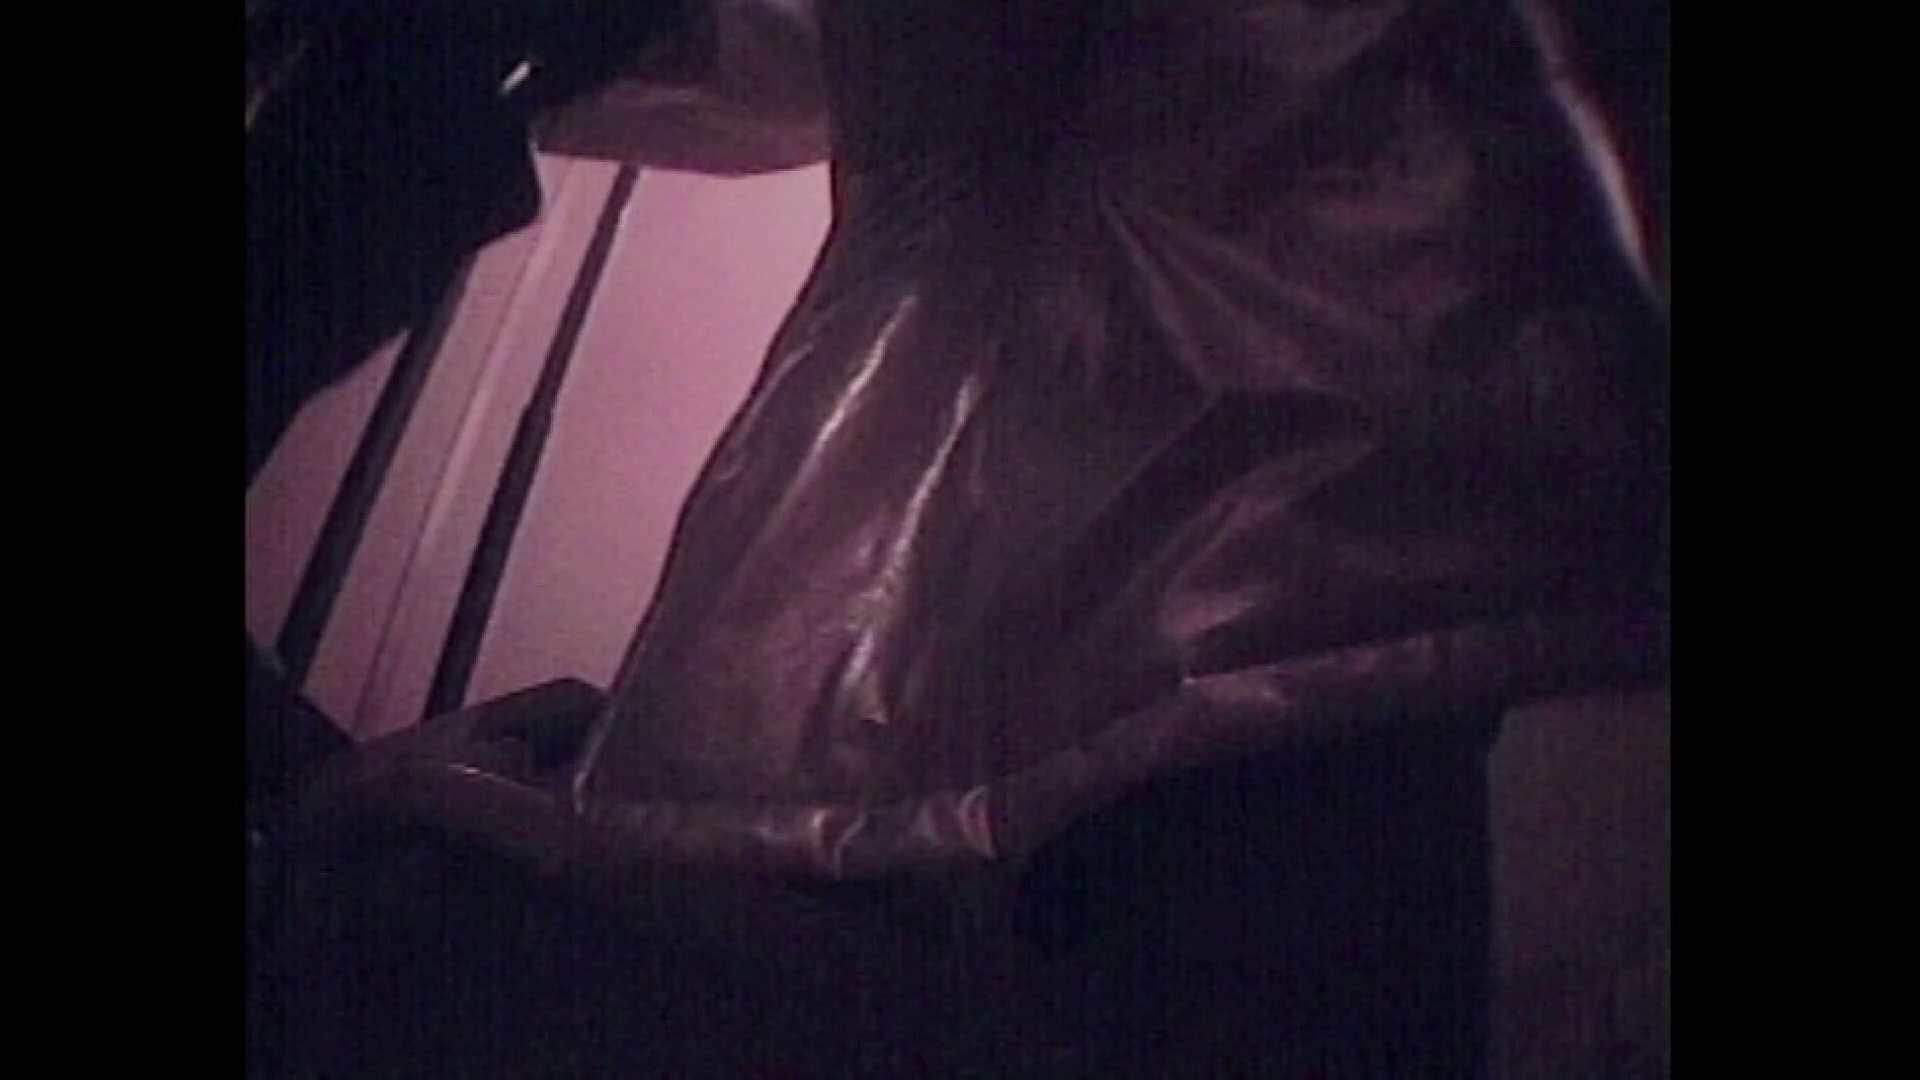 レース場での秘め事 Vol.01 レースクイーン 盗撮おめこ無修正動画無料 90pic 3